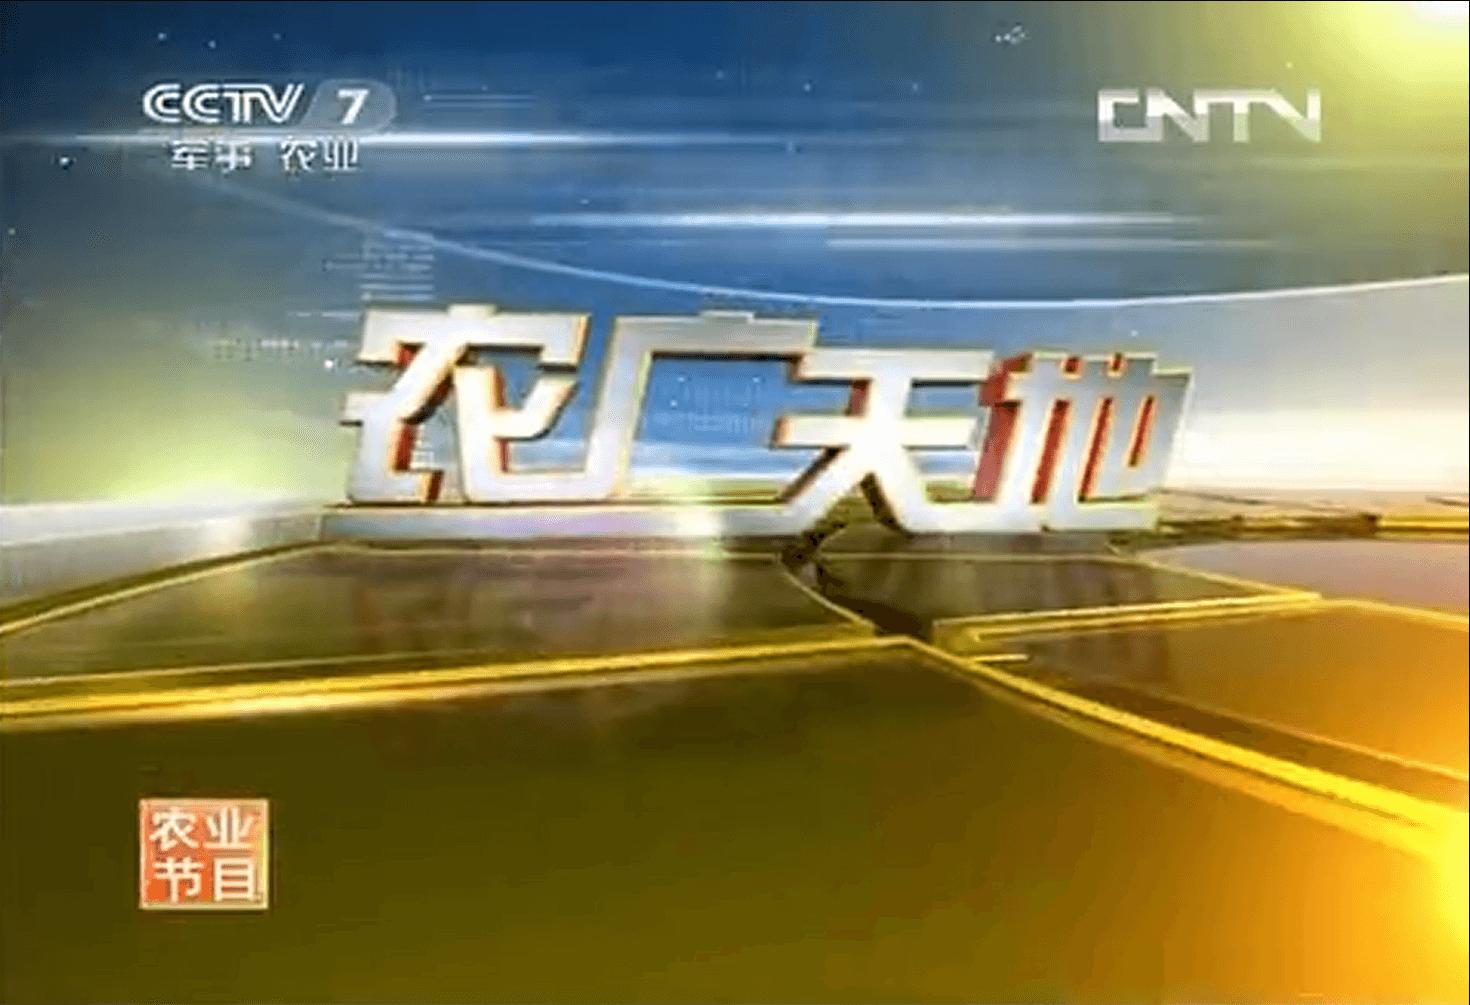 中国网络电视台-《农广天地》 20130514 鲁南蒙阴长毛兔养殖技